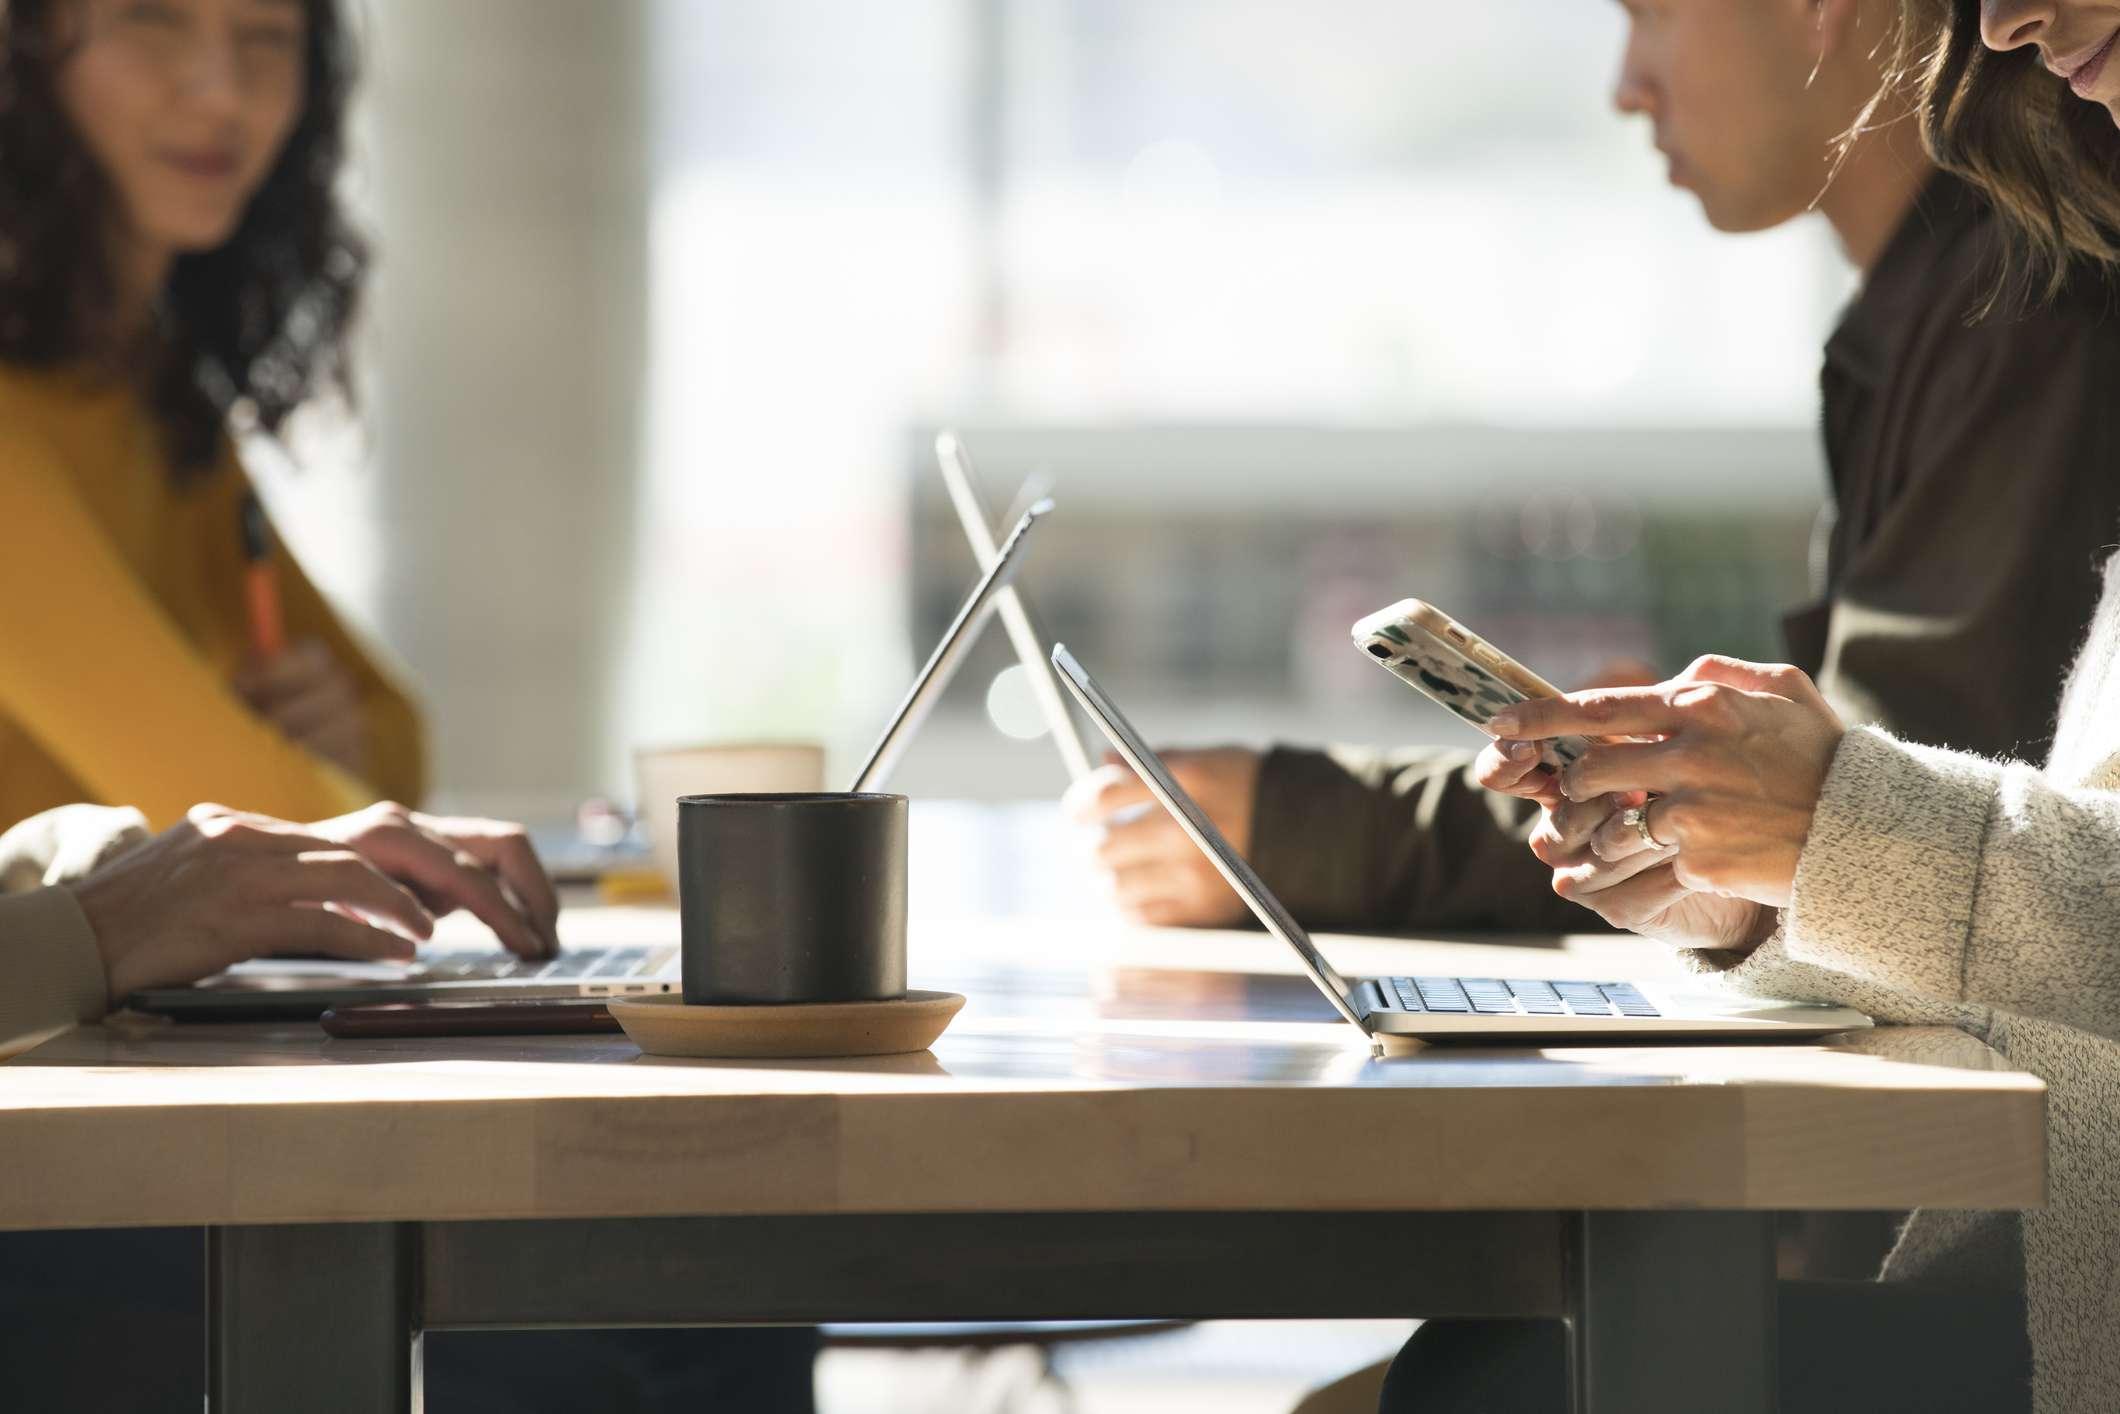 Cerca de jóvenes que trabajan en computadoras portátiles en un espacio moderno